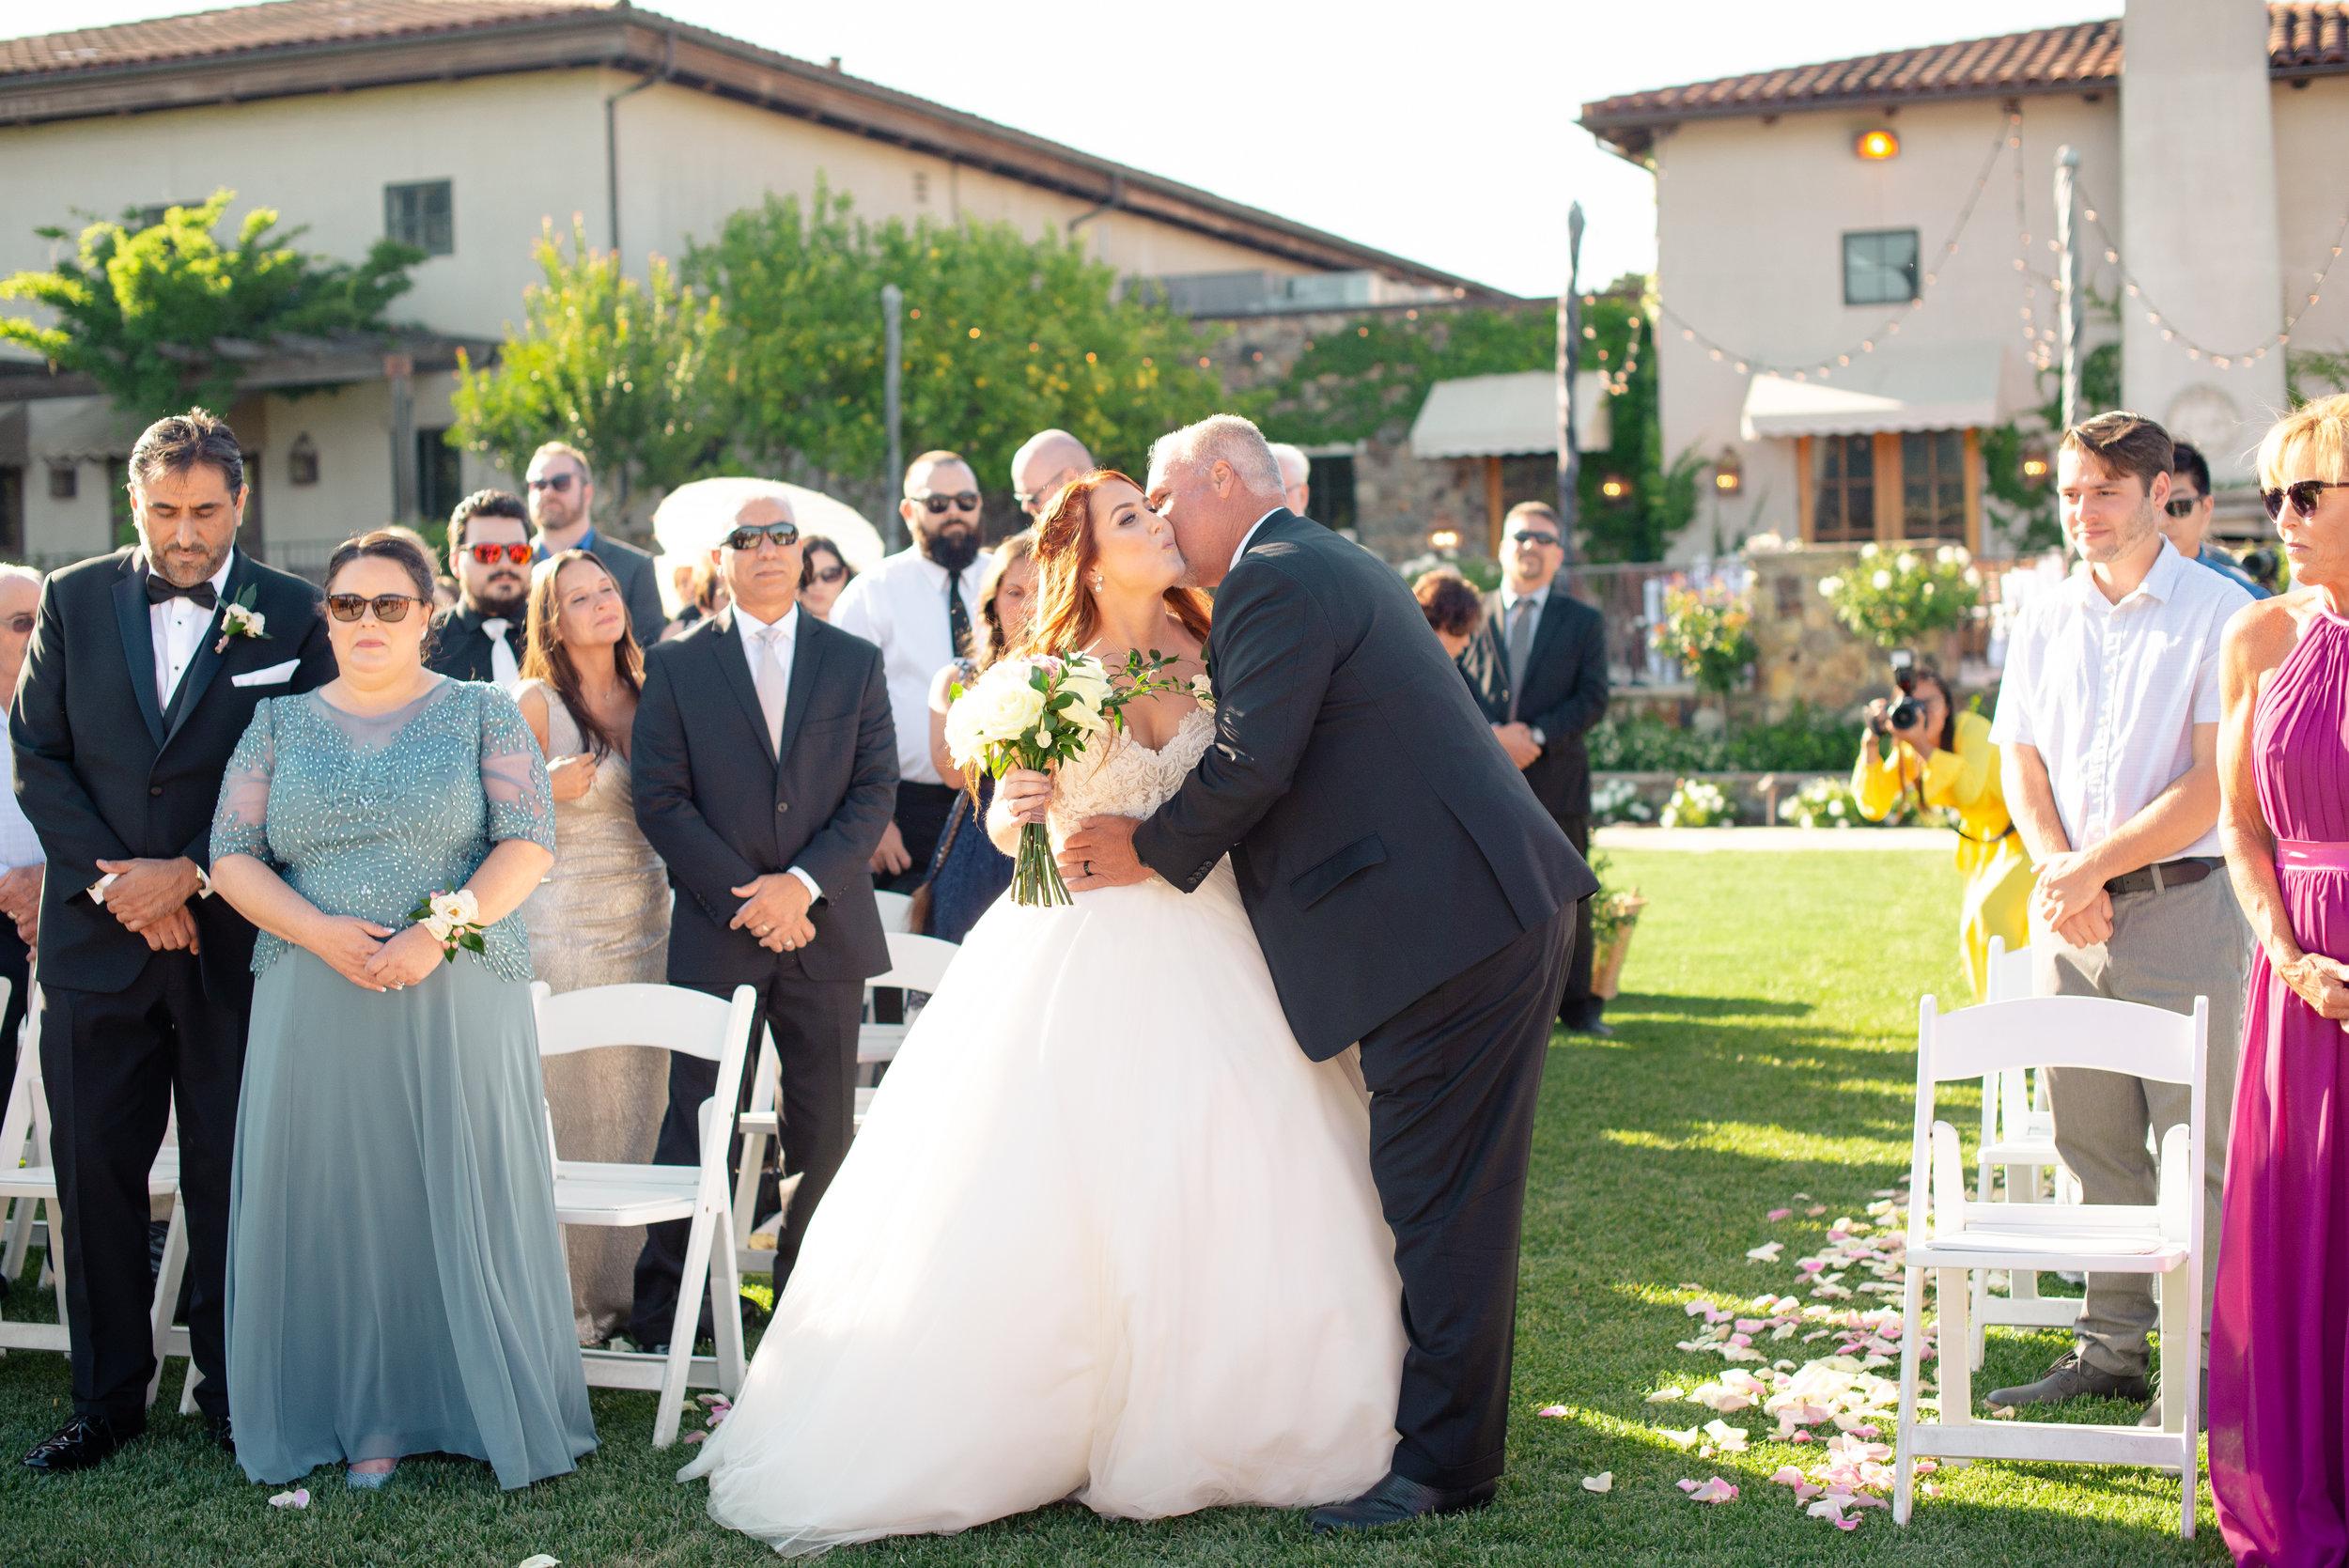 Clos LaChance Winery Wedding - Kelcie + Brian-246.jpg